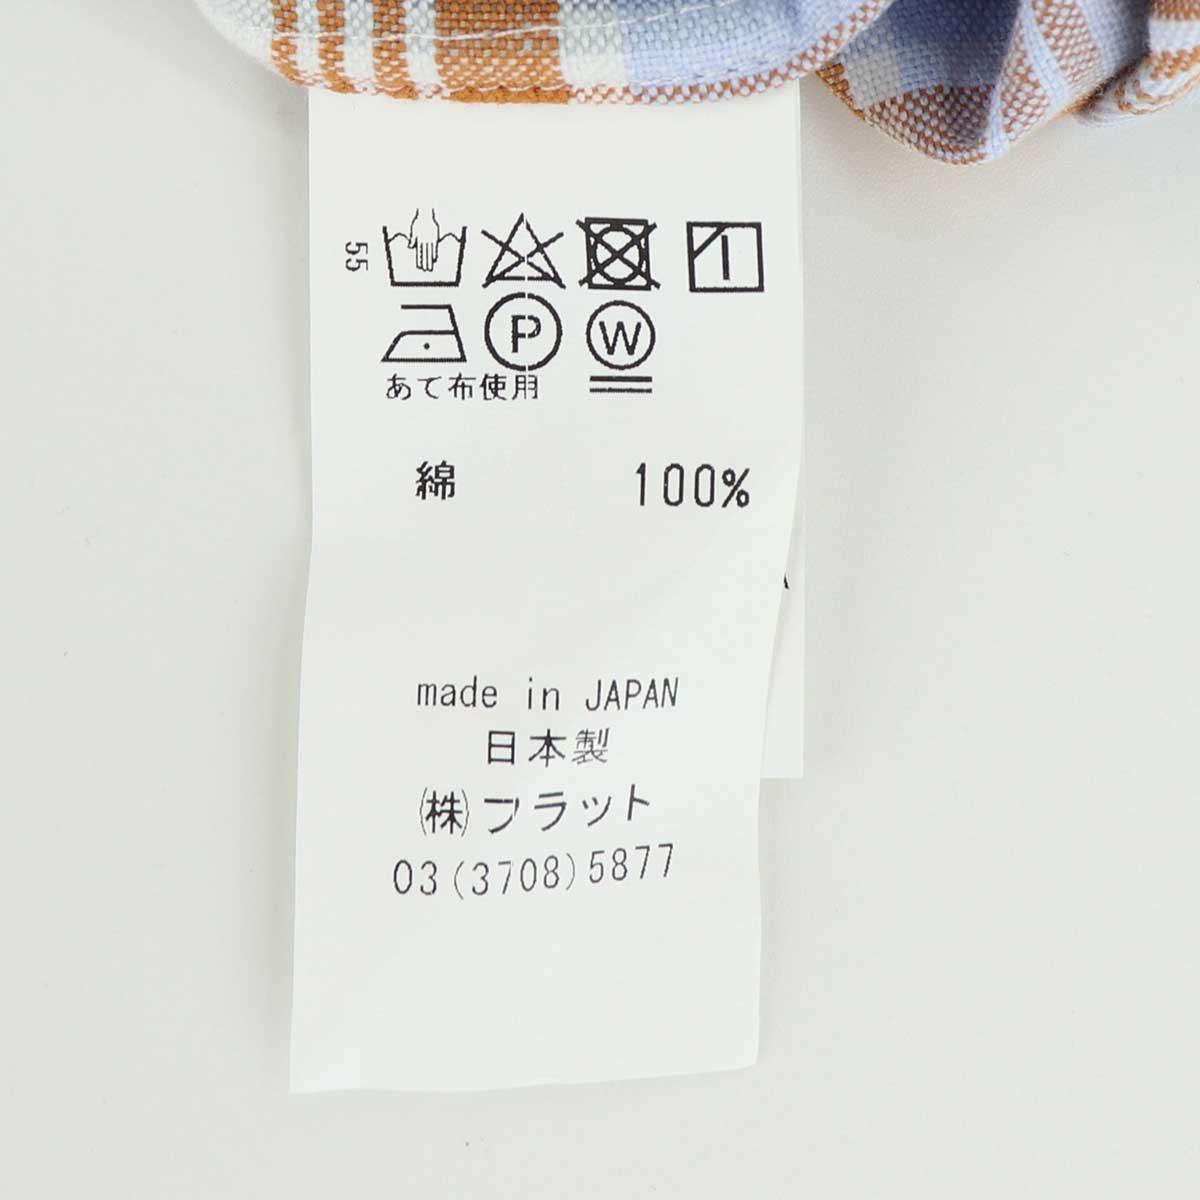 VネックTシャツ 刺繍配色(BROWN)